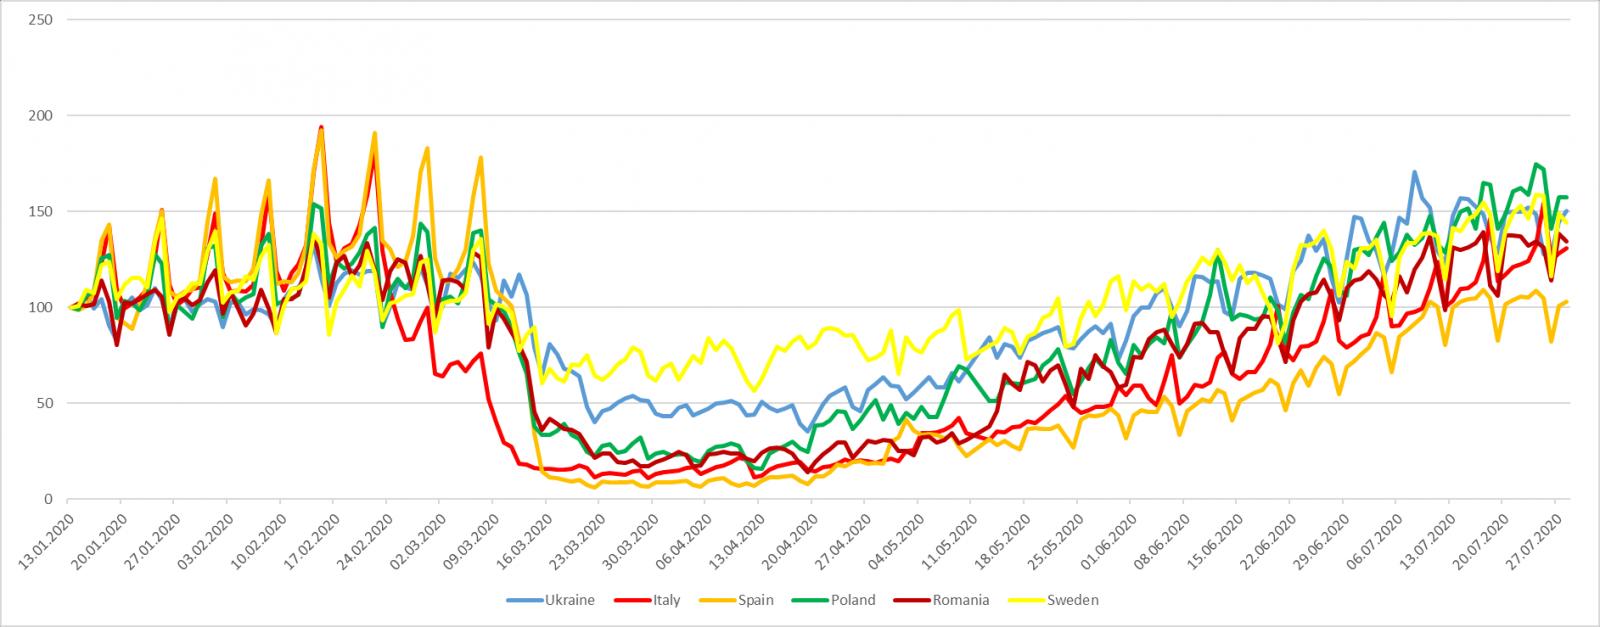 Динаміка мобільності населення в Україні та країнах Європи під час карантинних заходів